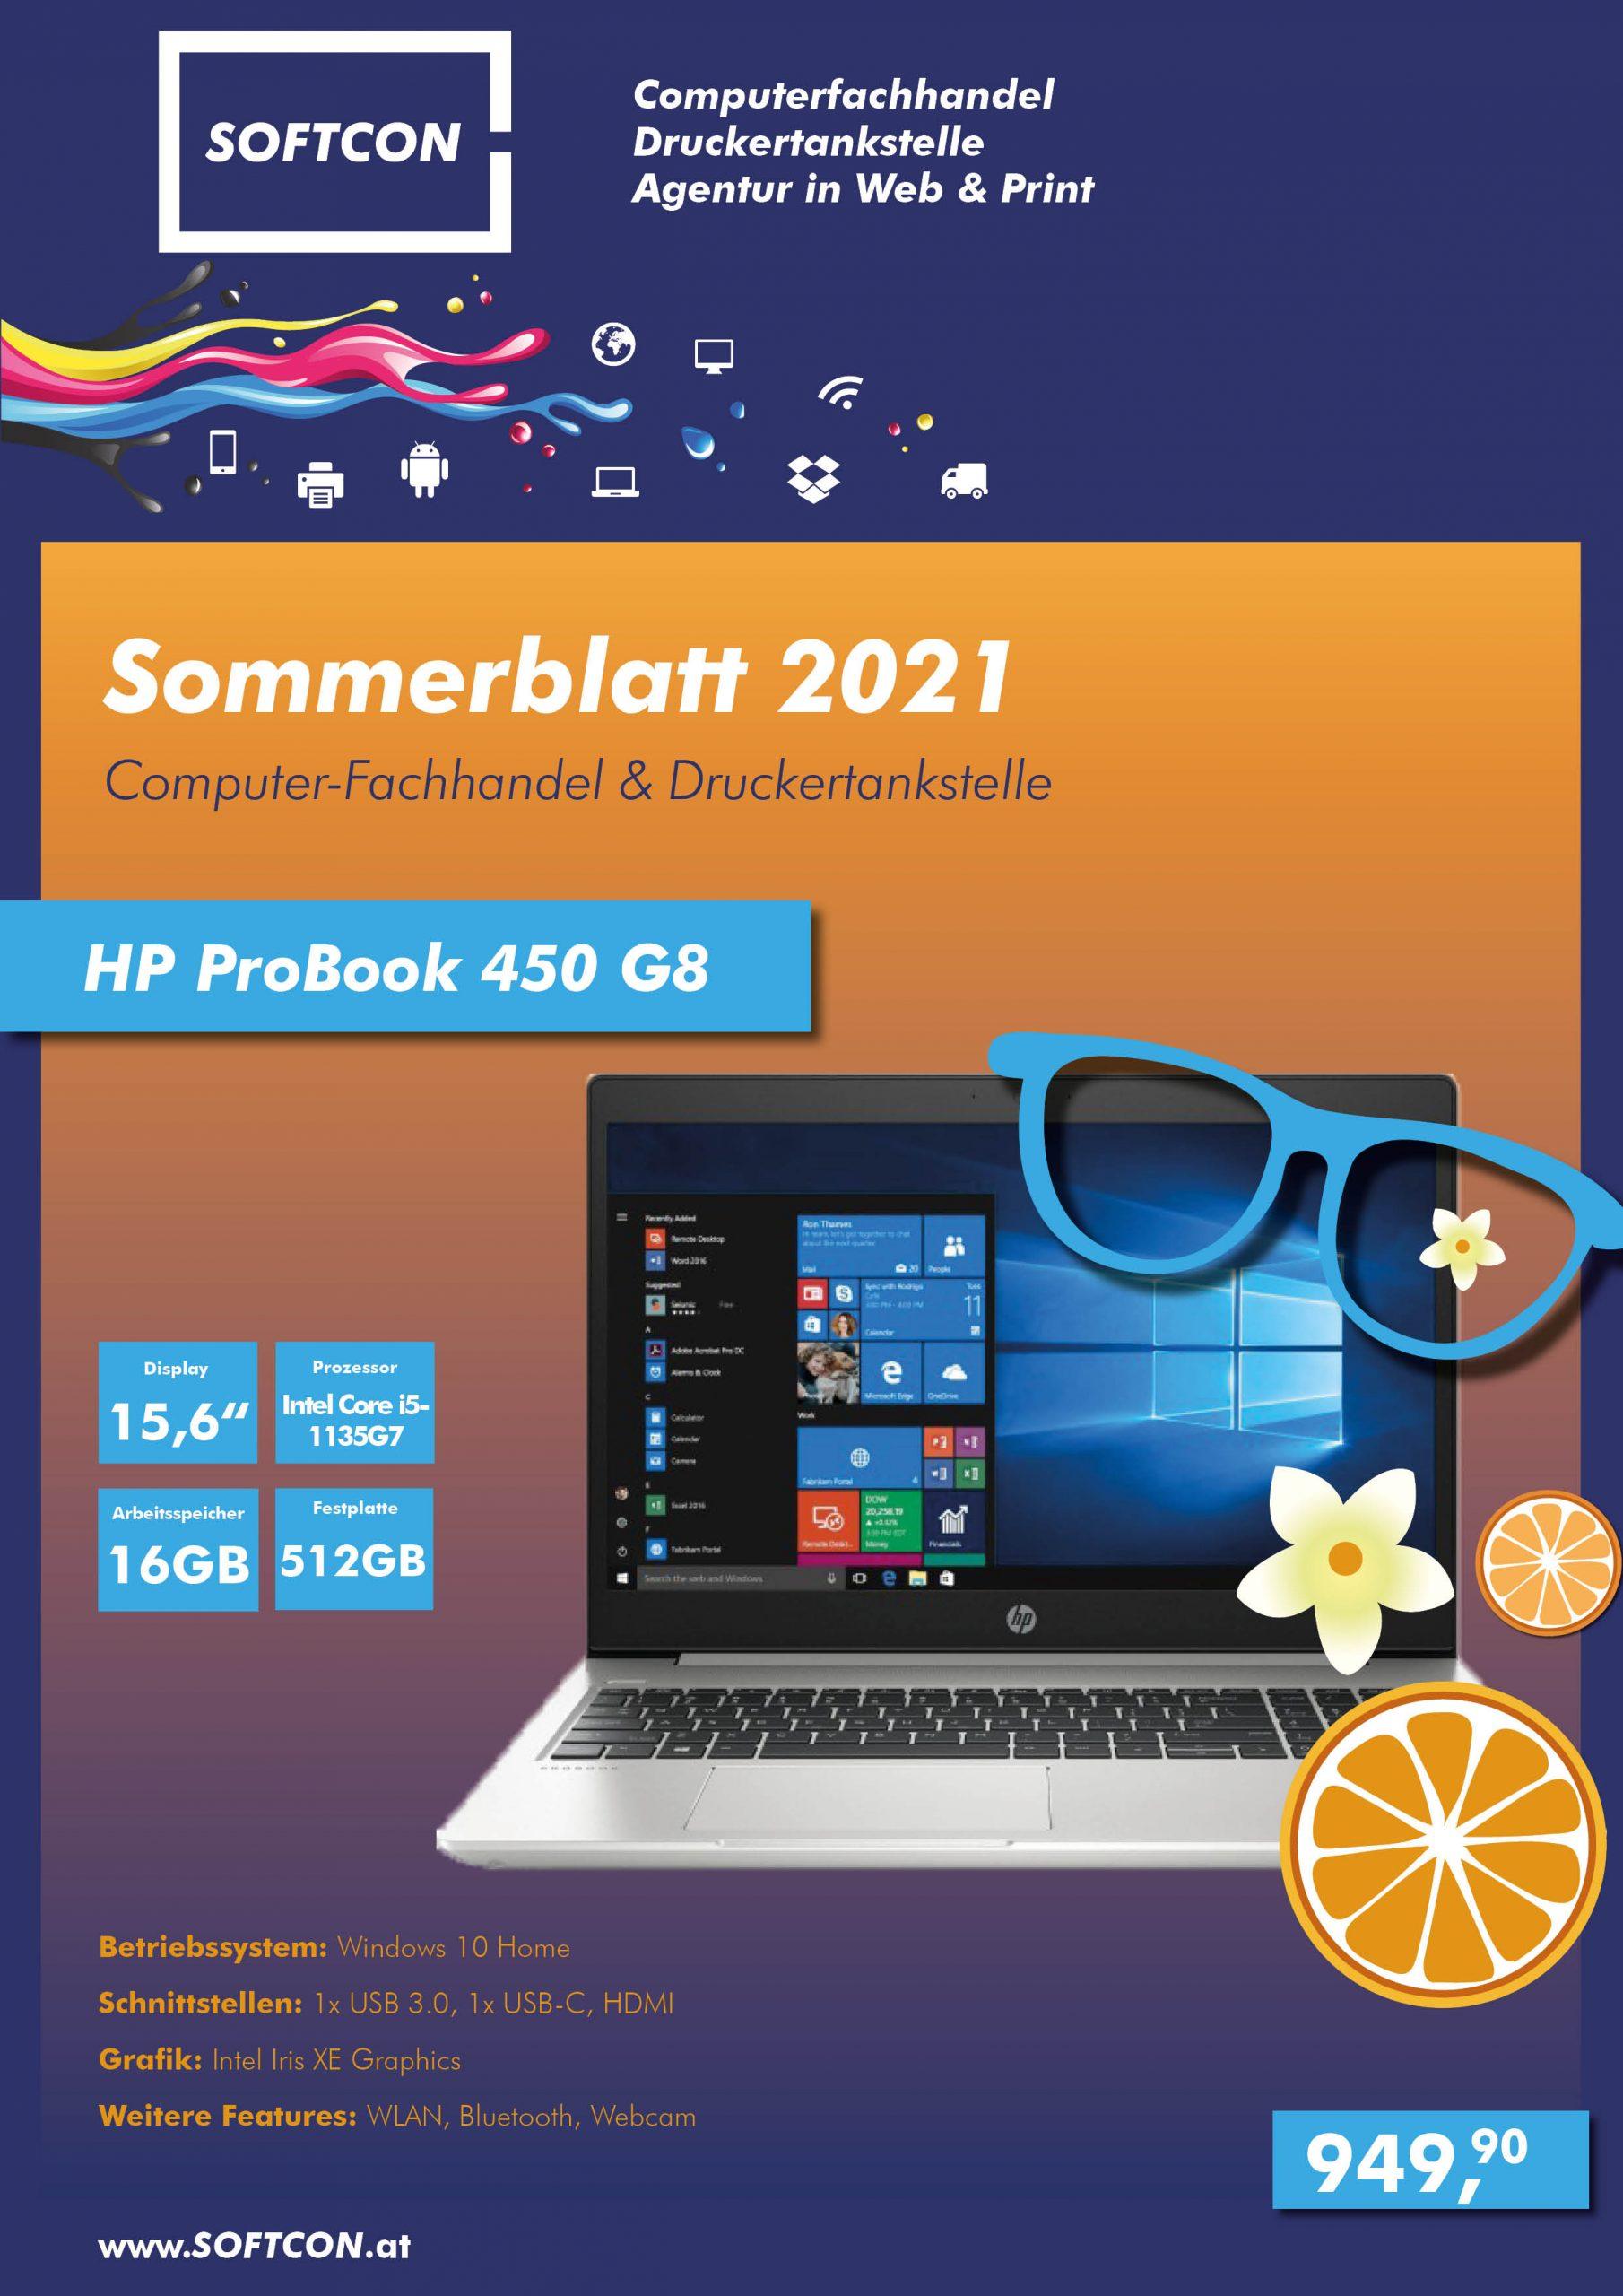 SOFTCON Sommerblatt 2021